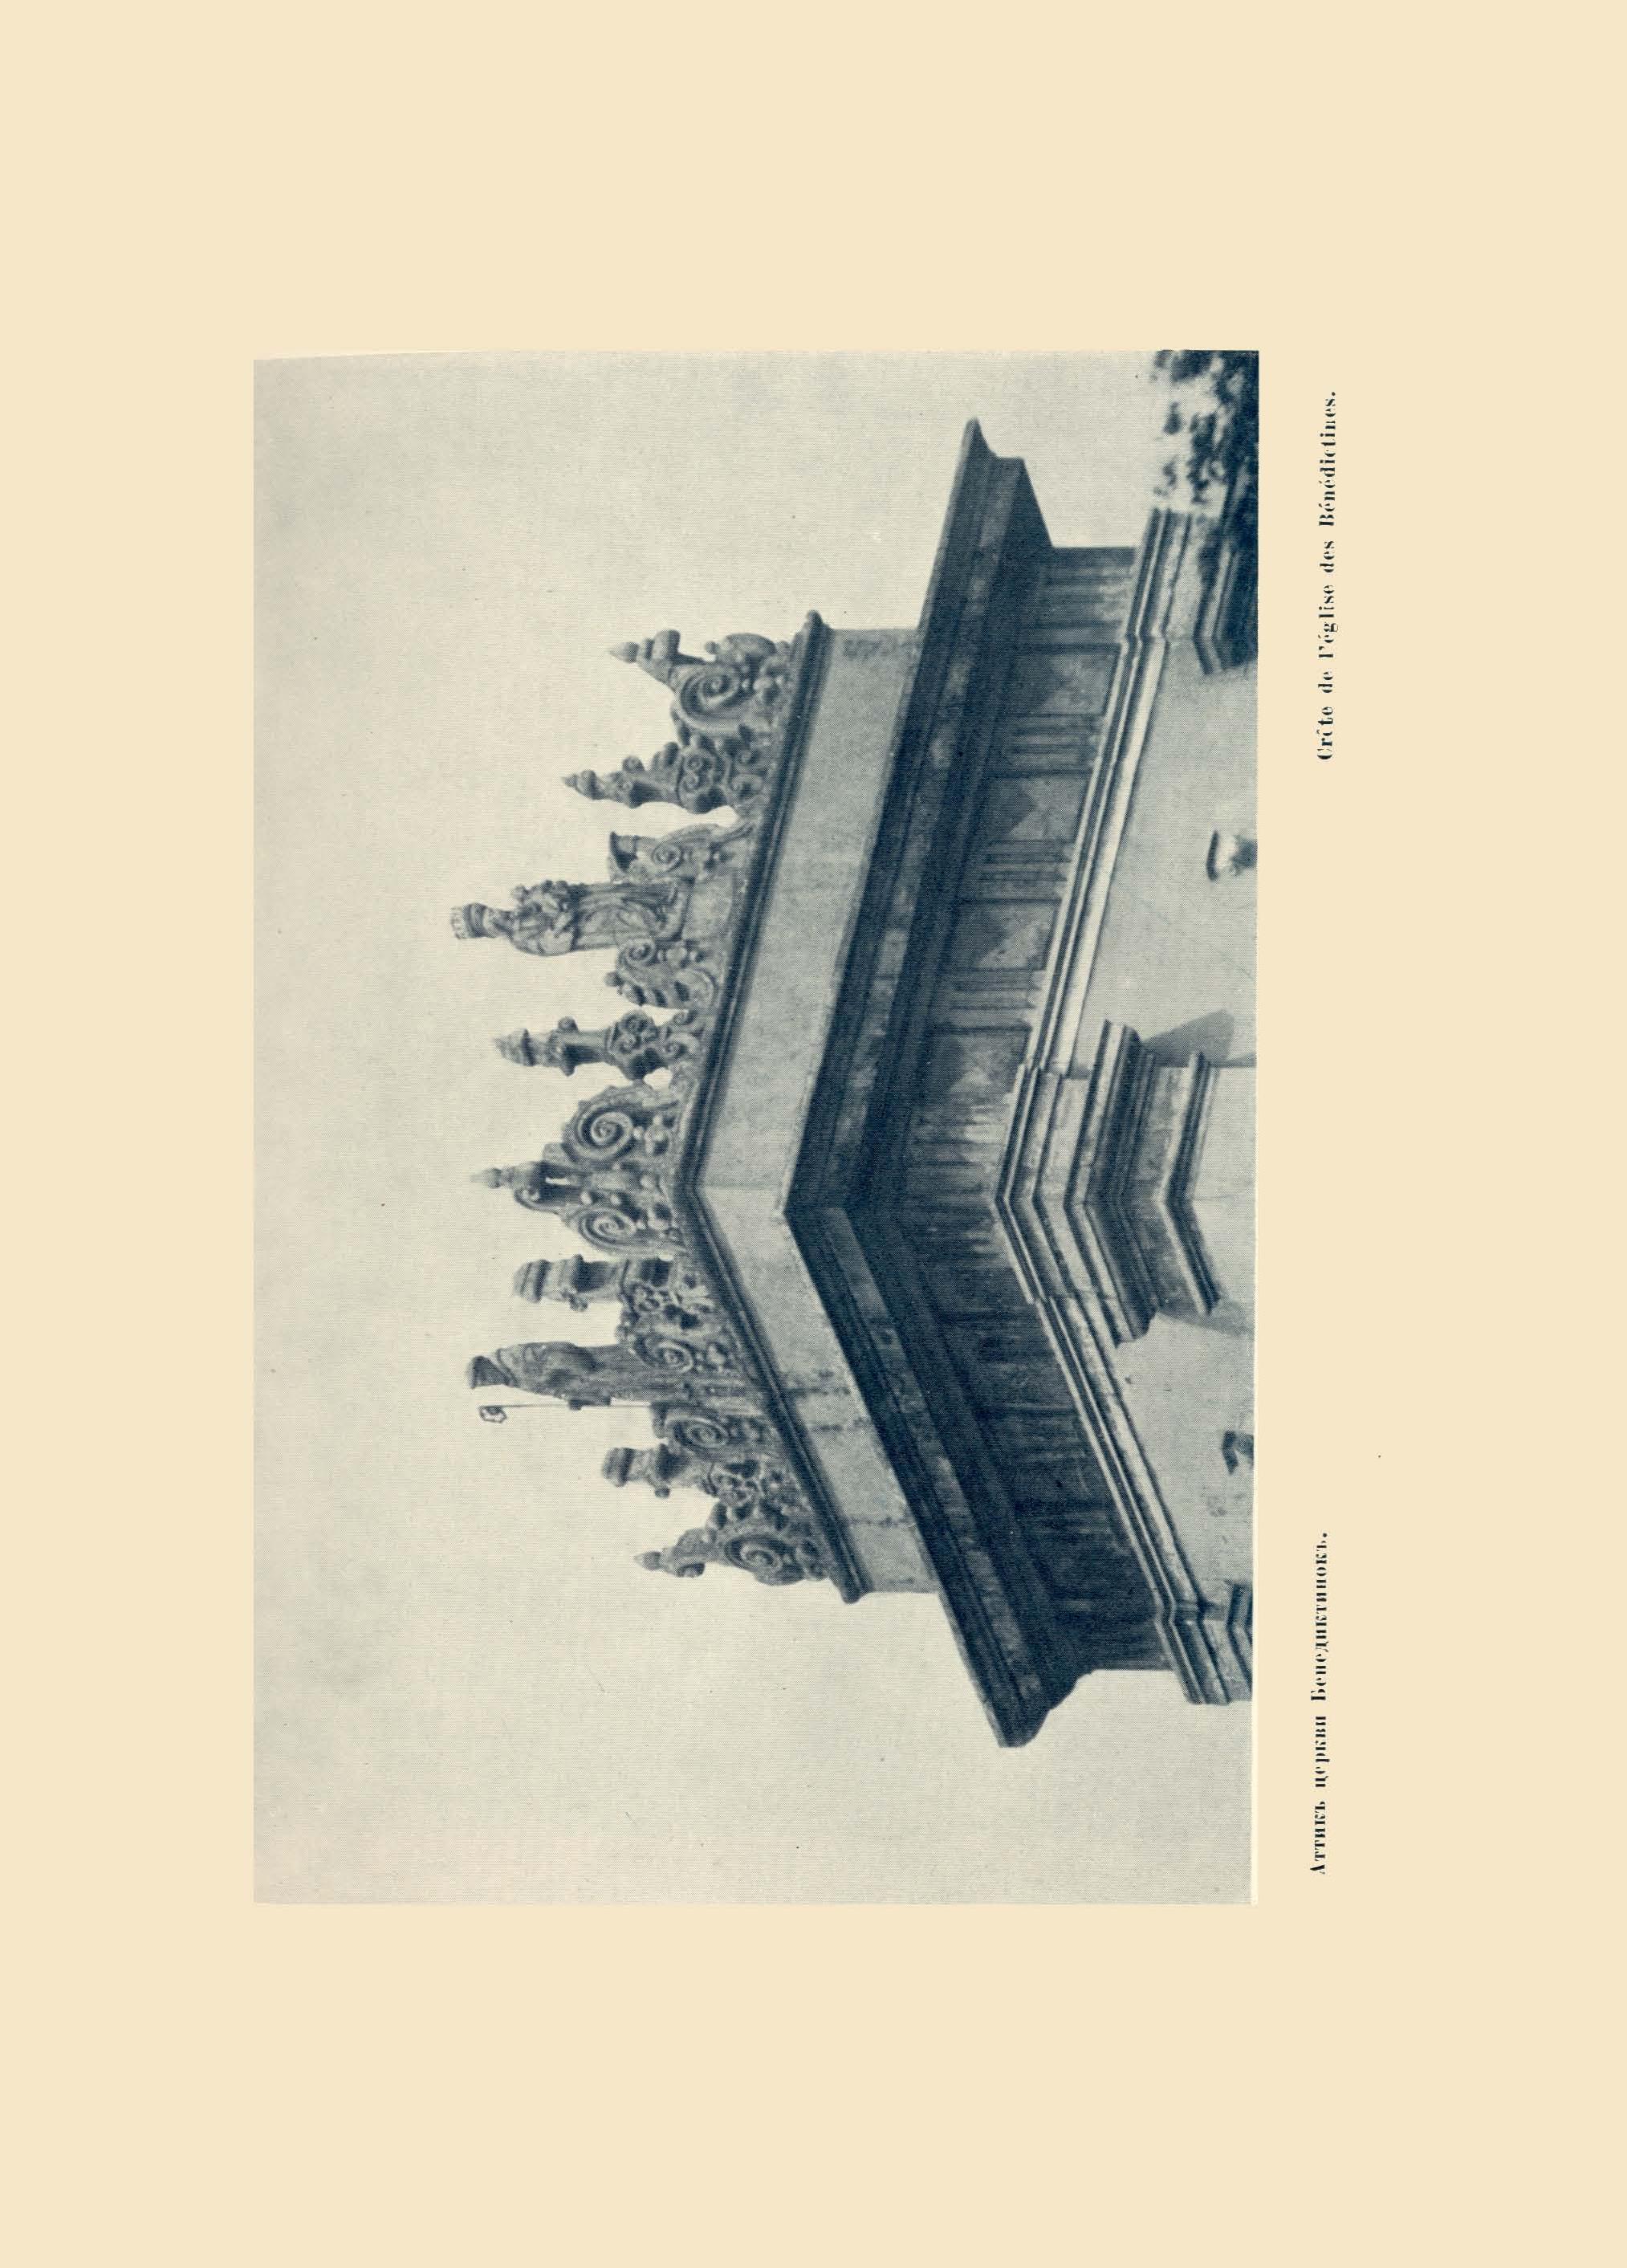 Альбом старого Львова. Верещагин В. 1917_27